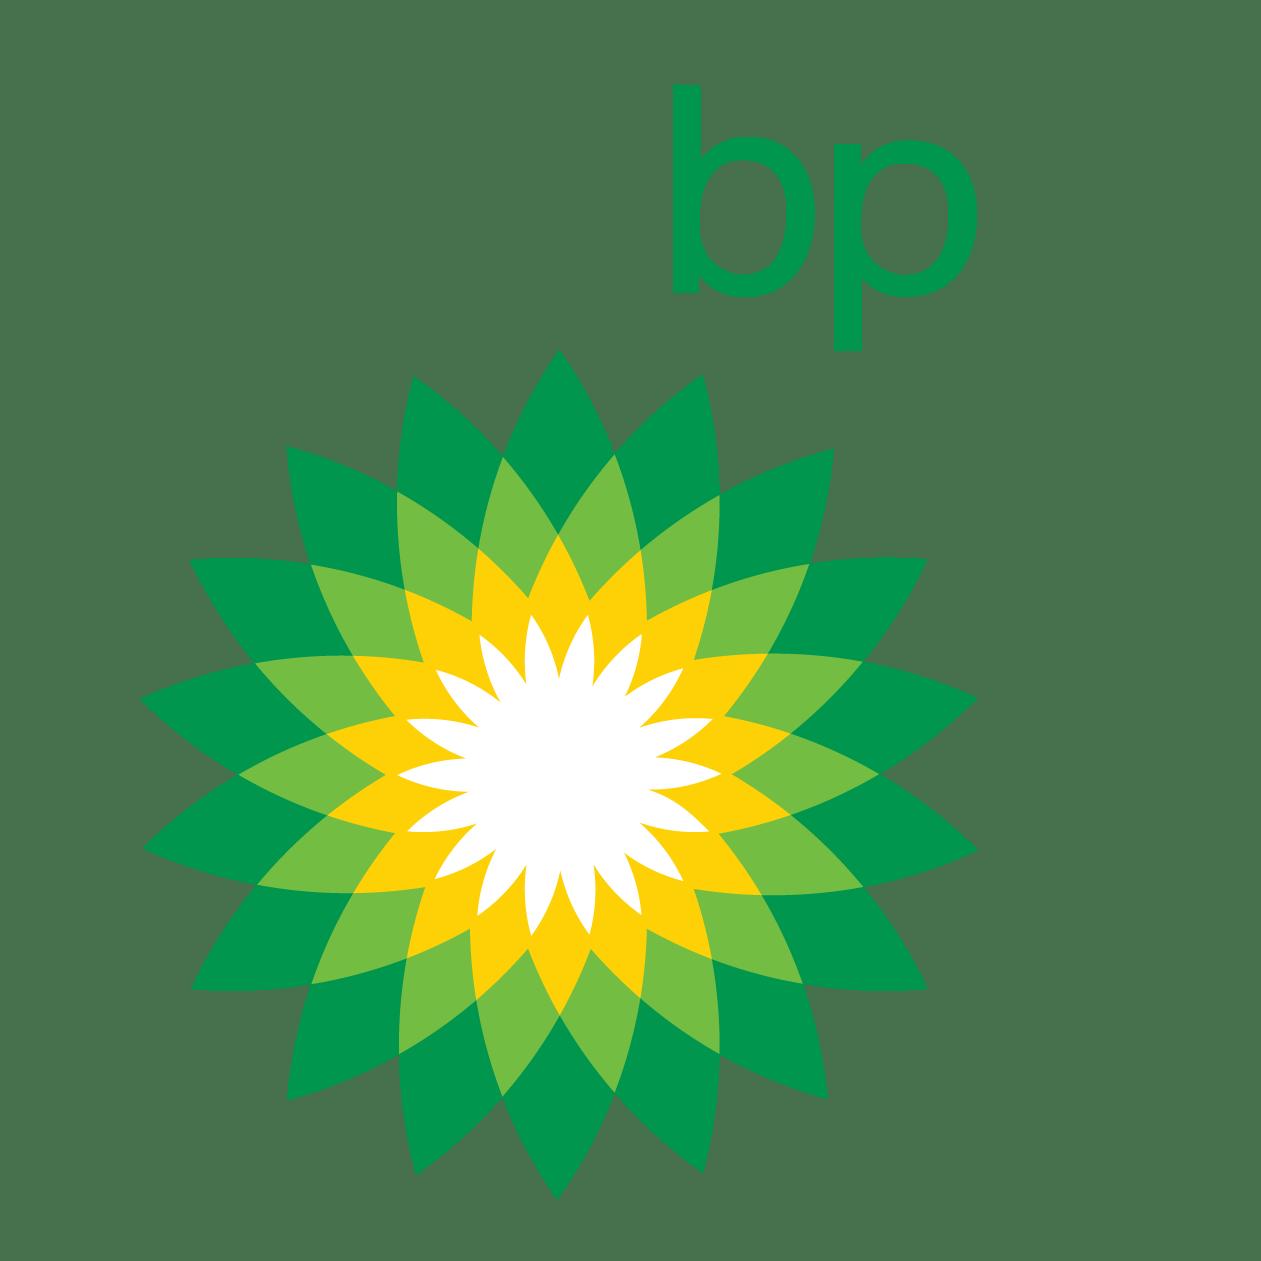 BP Geel